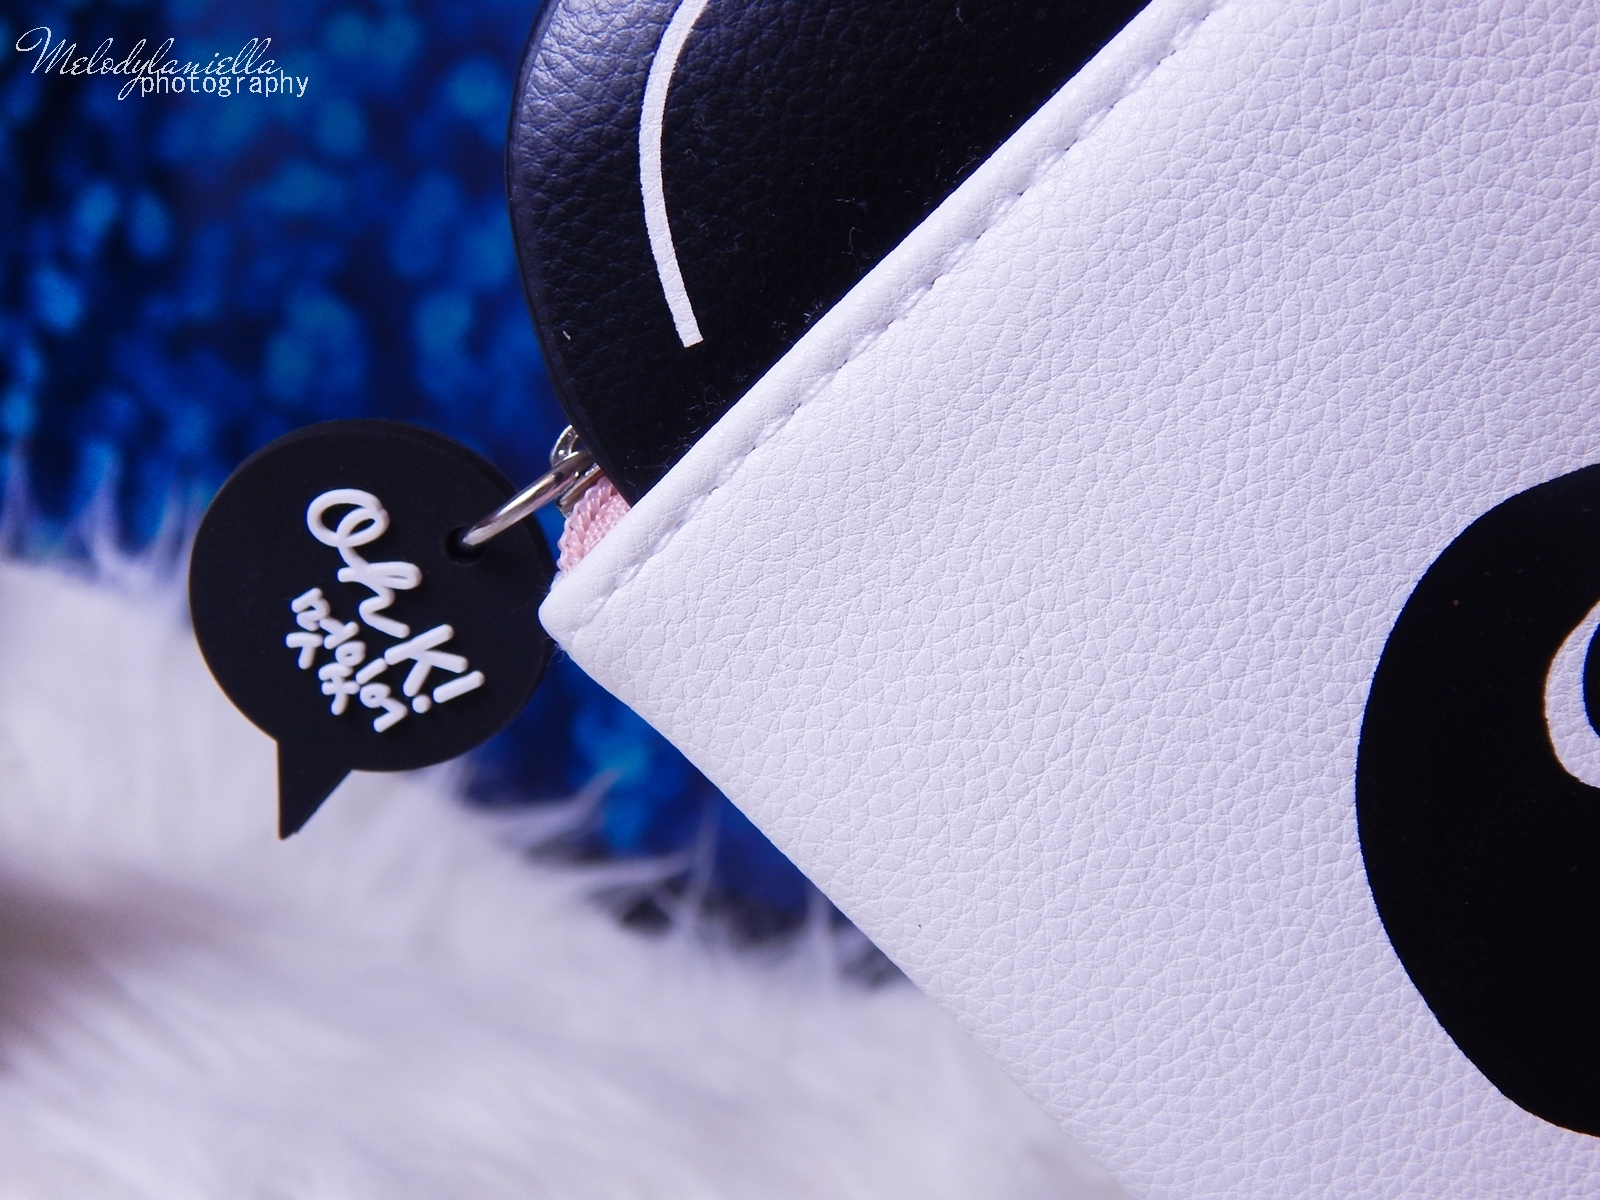 3 Oh! K Life koreańskie kosmetyki i gadżety słodkie dziewczęce dodatki maska do twarzy panda kosmetyczka w kształcie pandy lodowe płatki chłodzące okłady na oczy przeciw sińcom jak pozbyć się sińców pod oczami